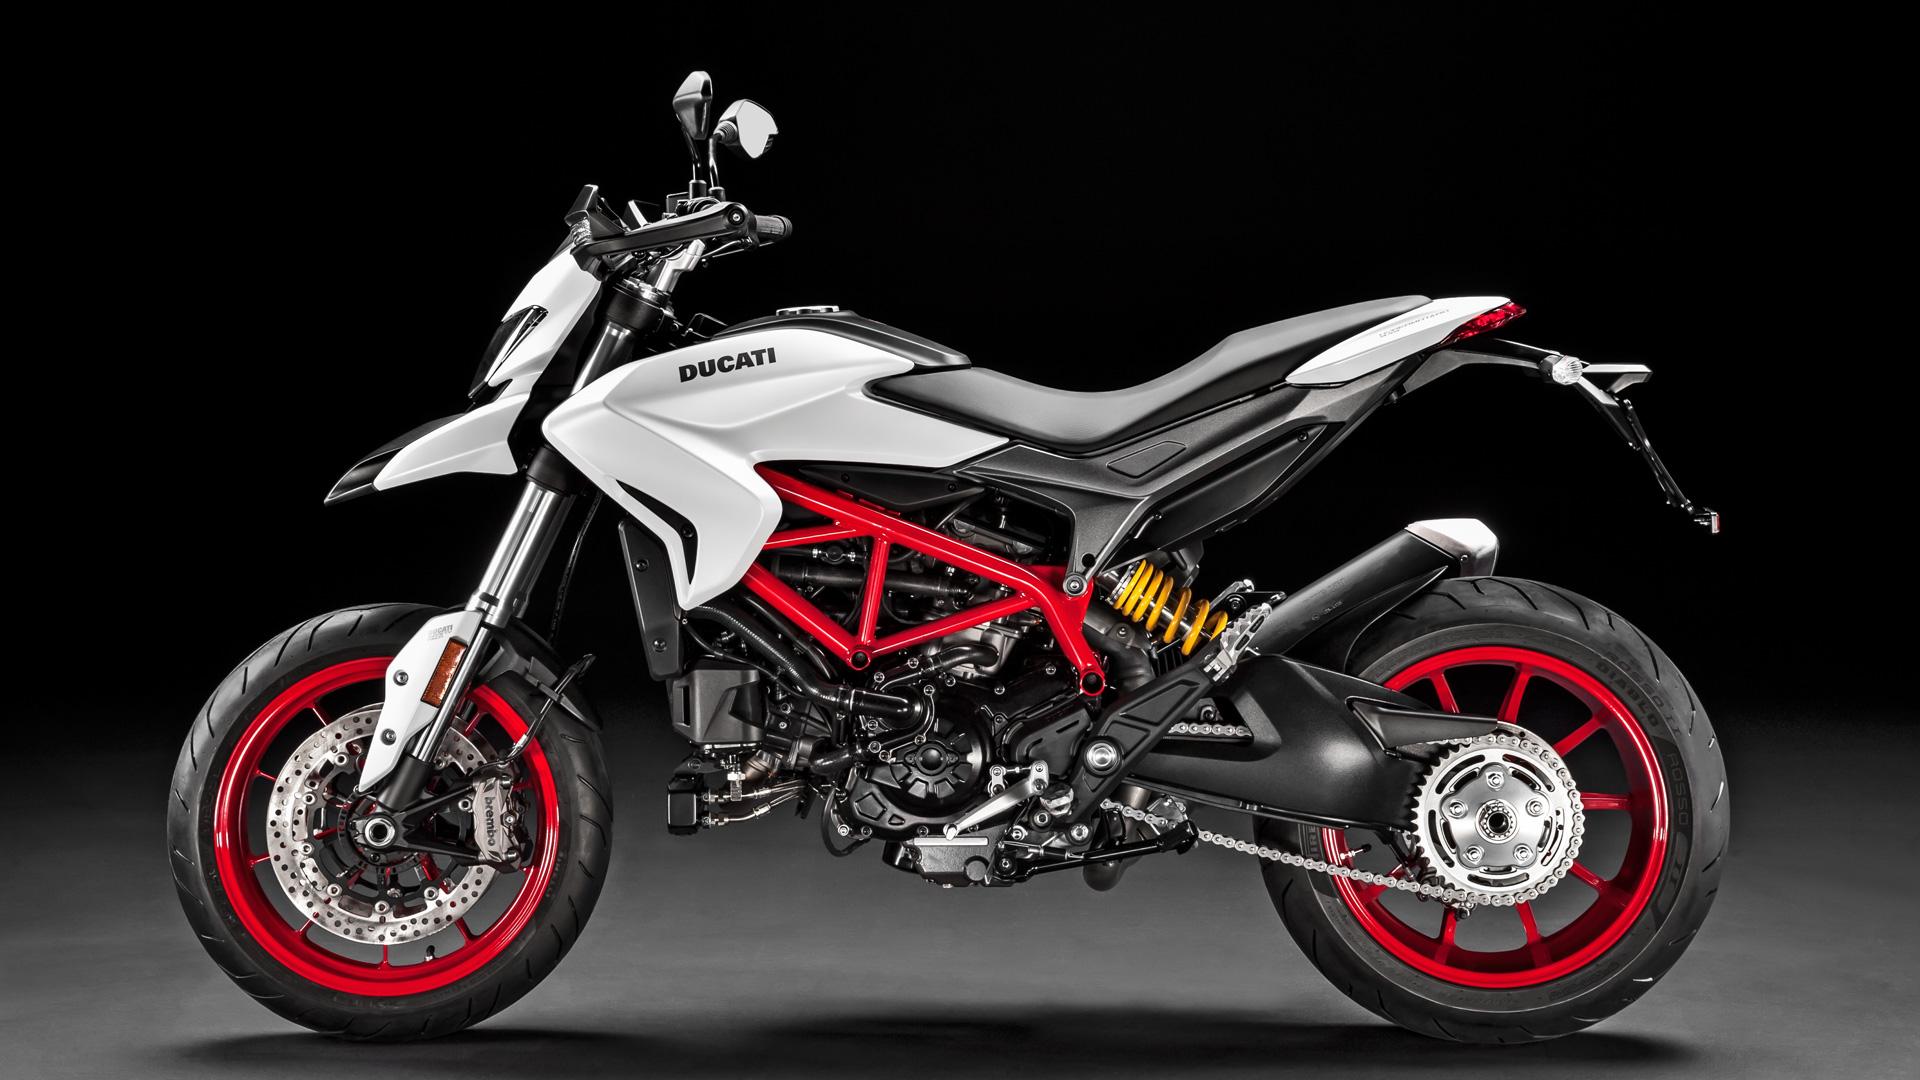 Ducati   Testastretta Scheda Tecnica